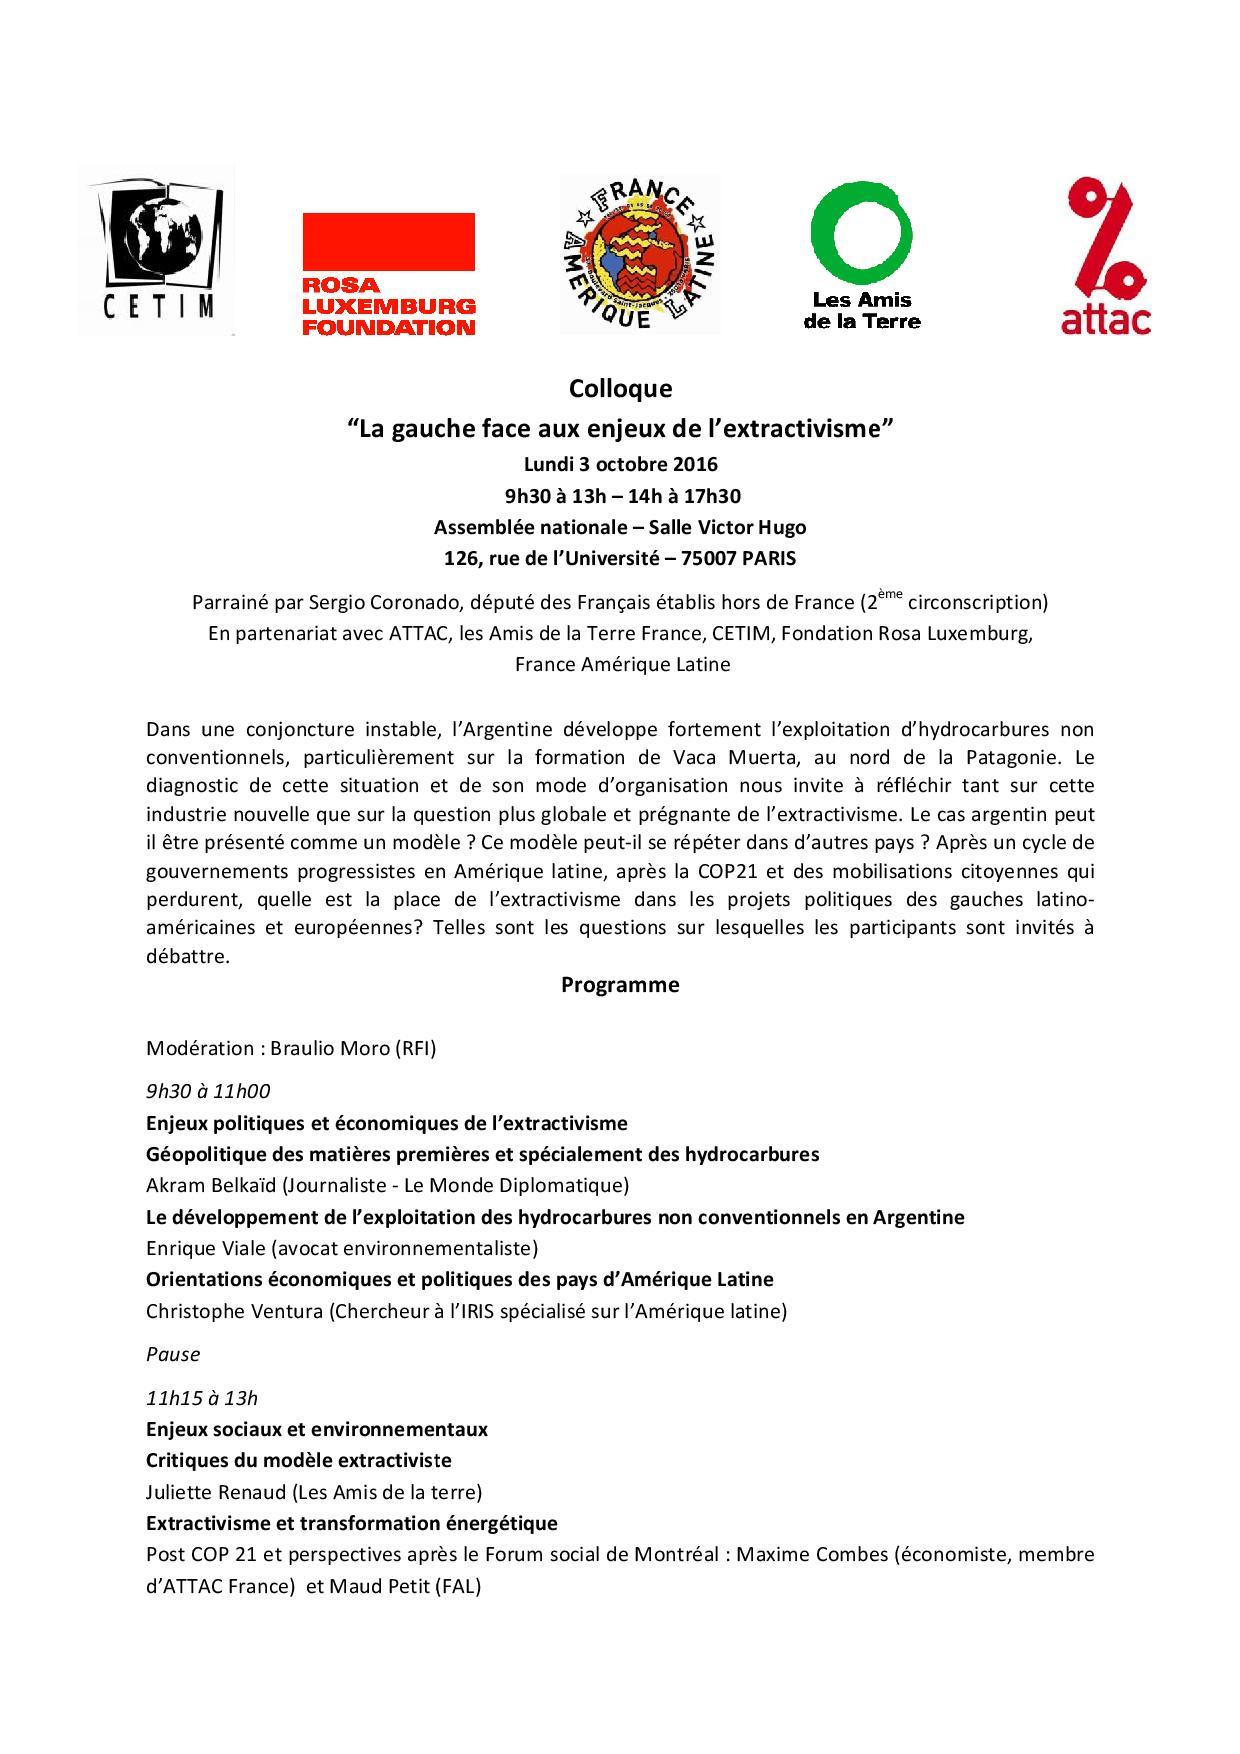 programme-colloque-an-3octobre2016-2-page-001